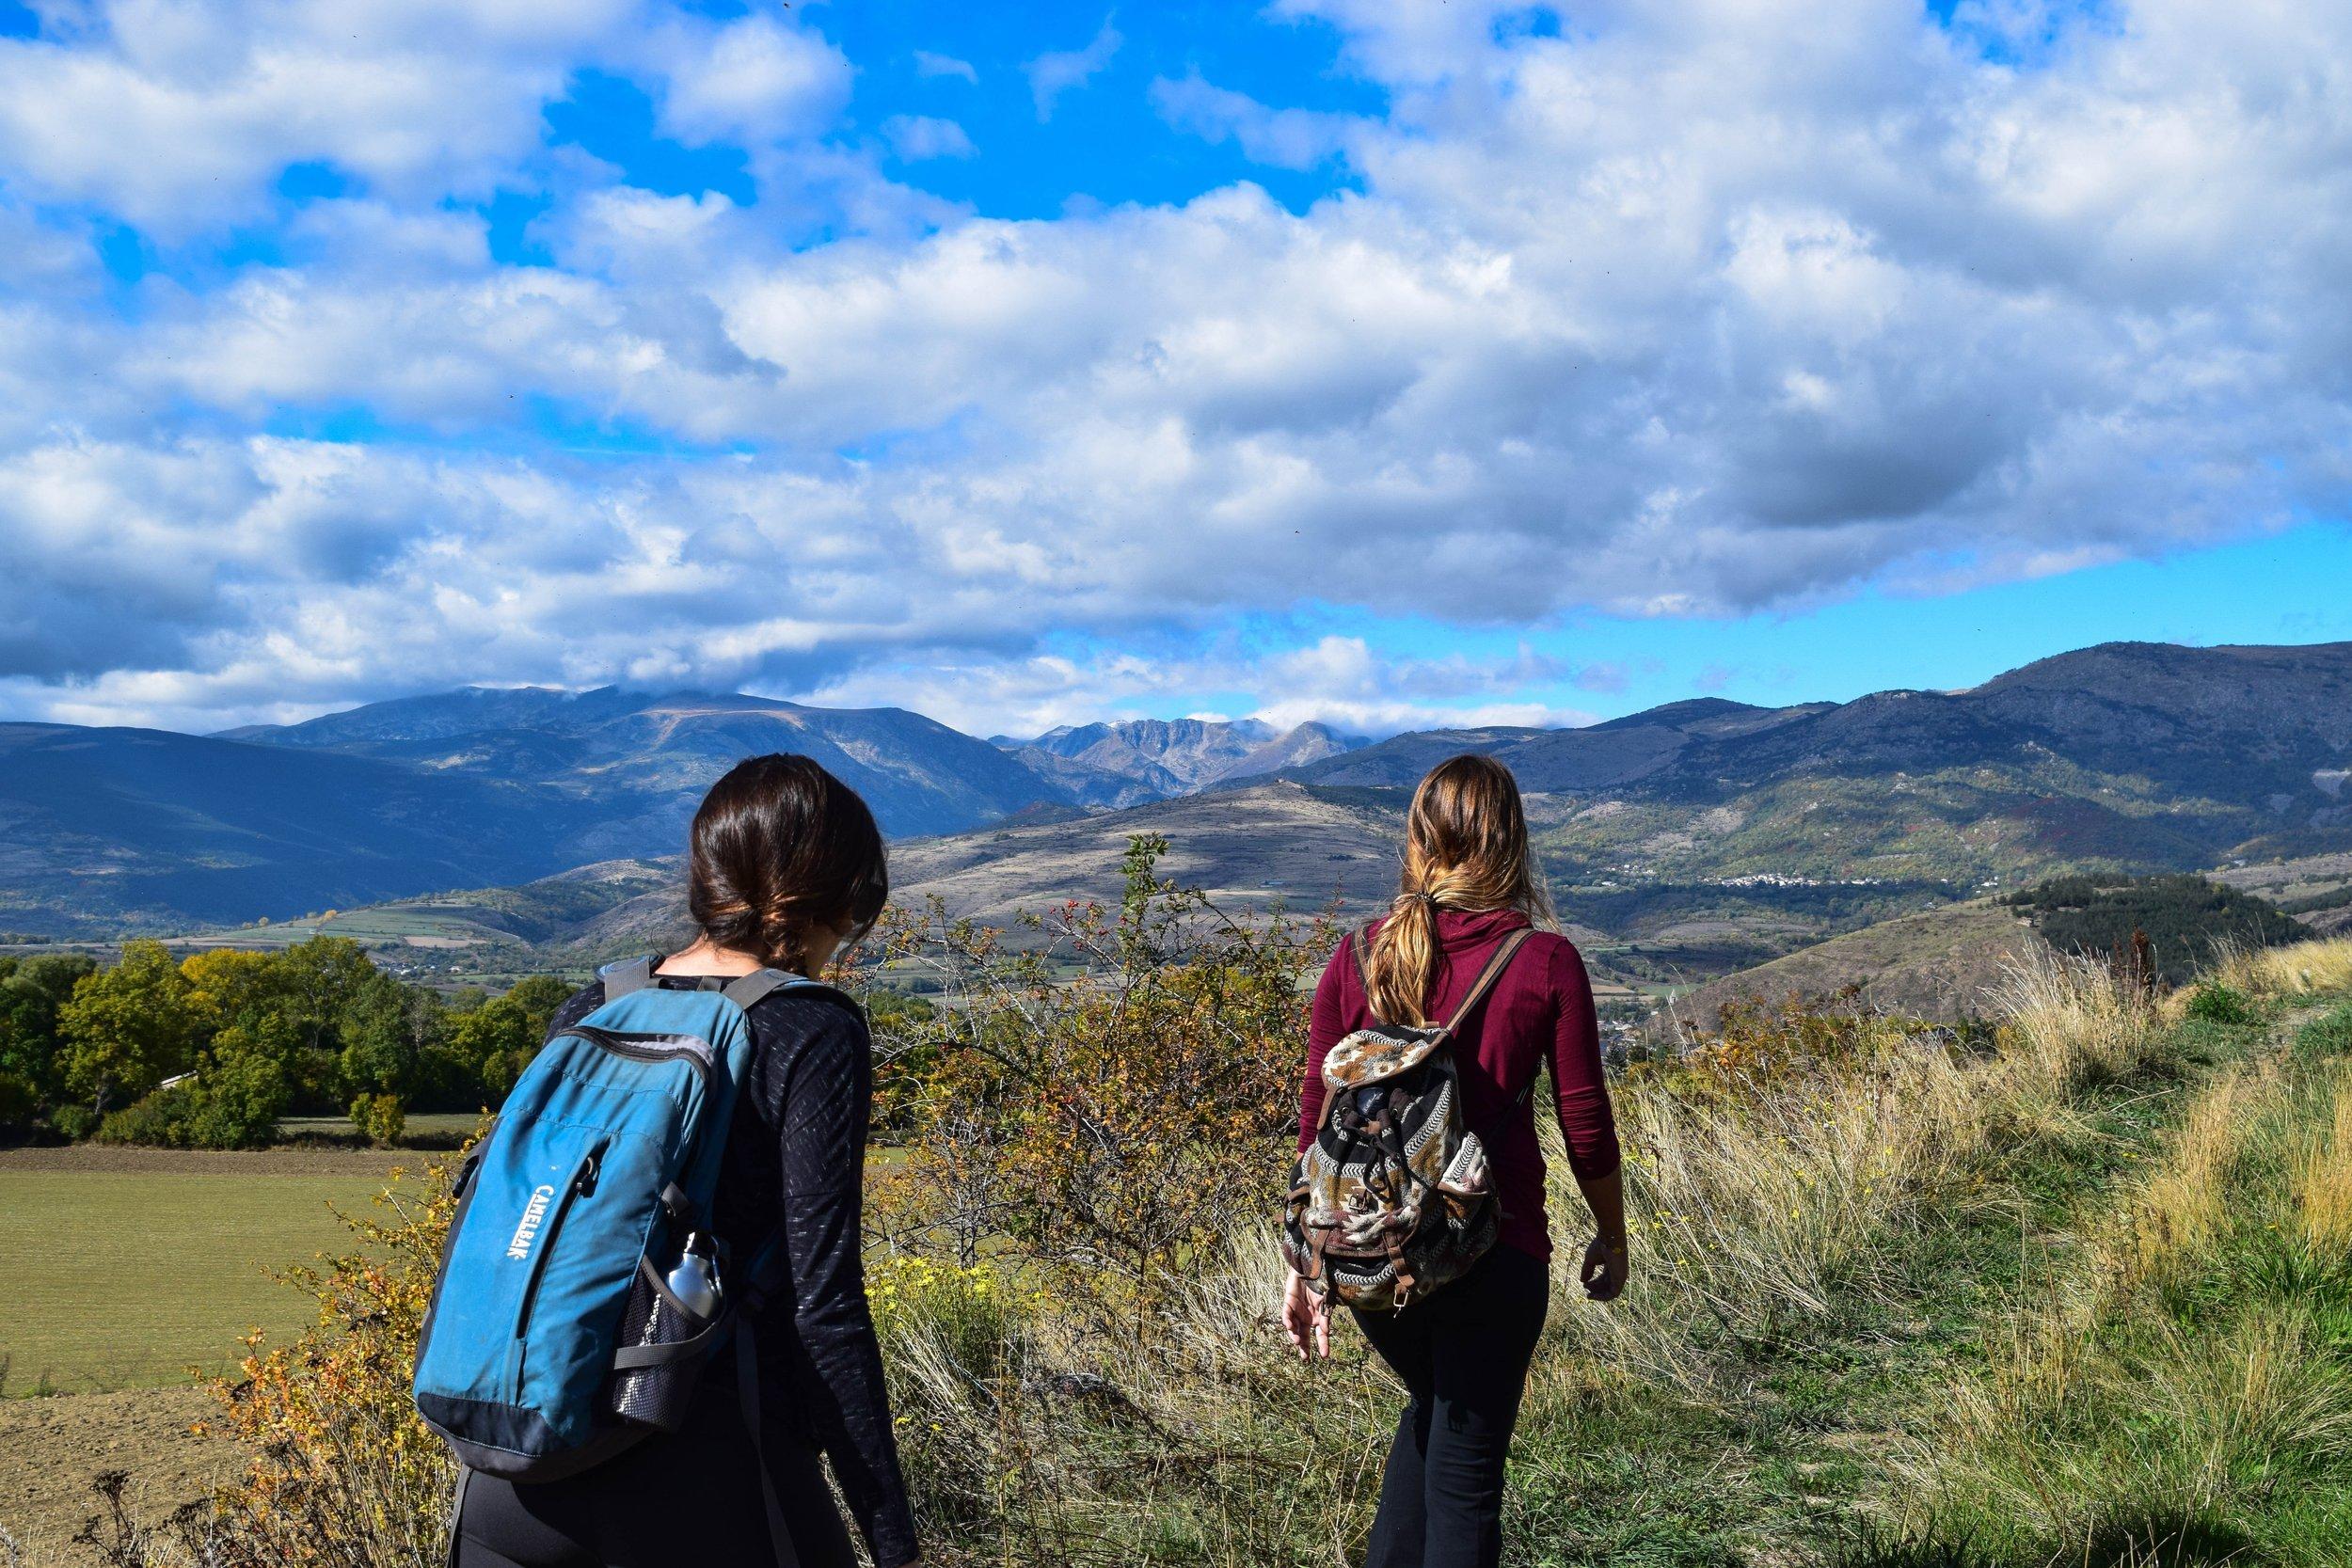 adventure-backpackers-girls-236973.jpg